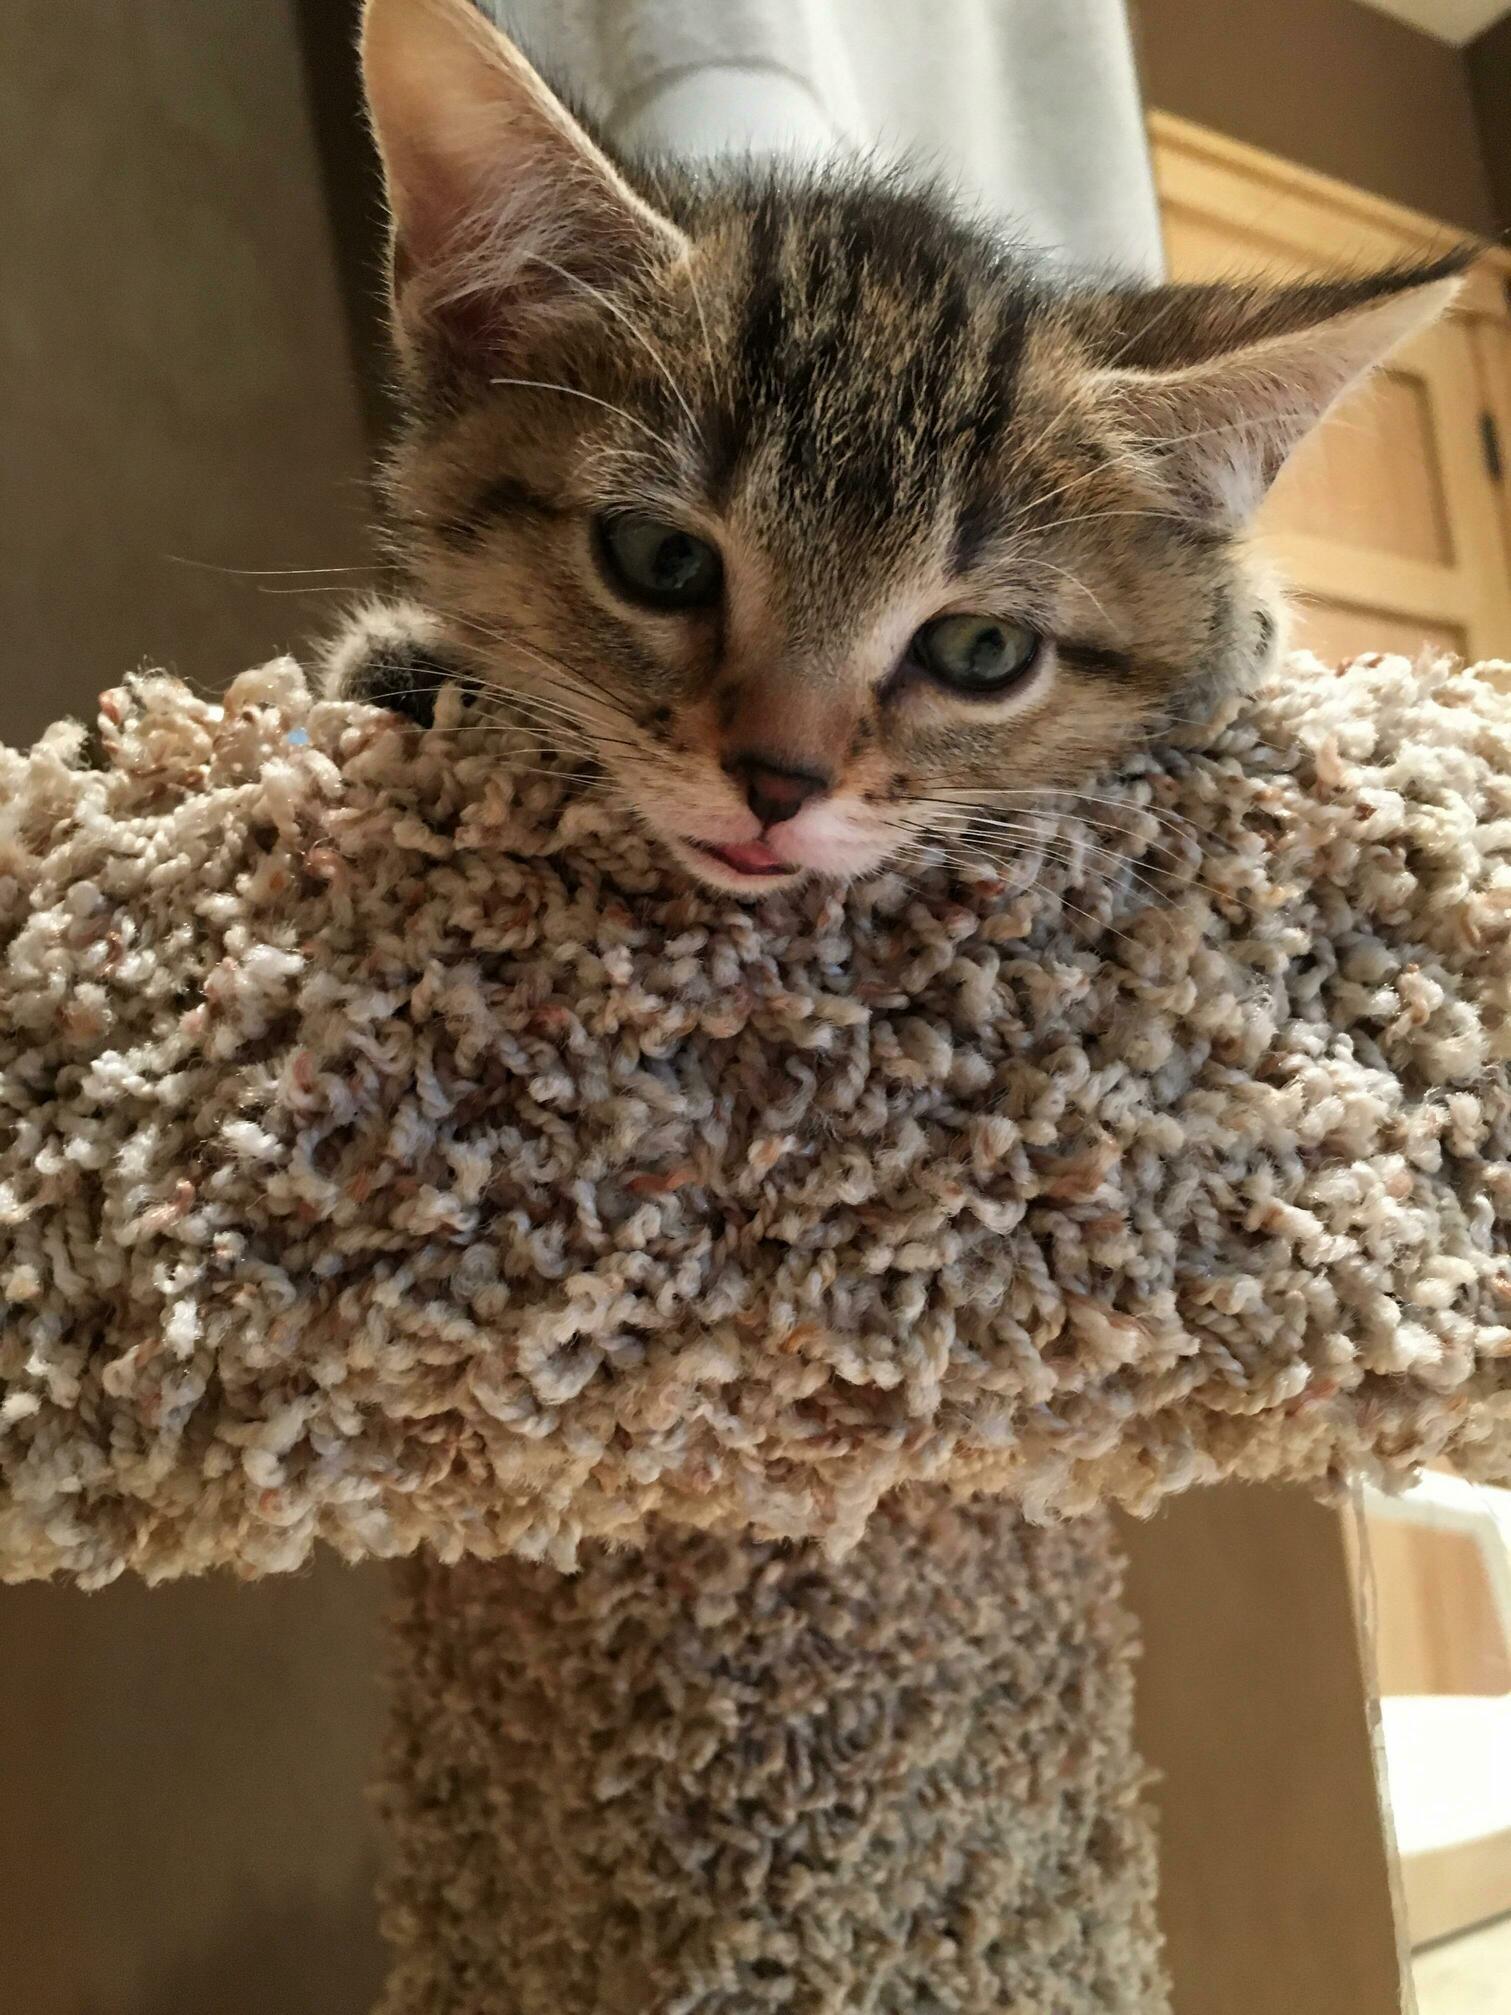 Kitten blep